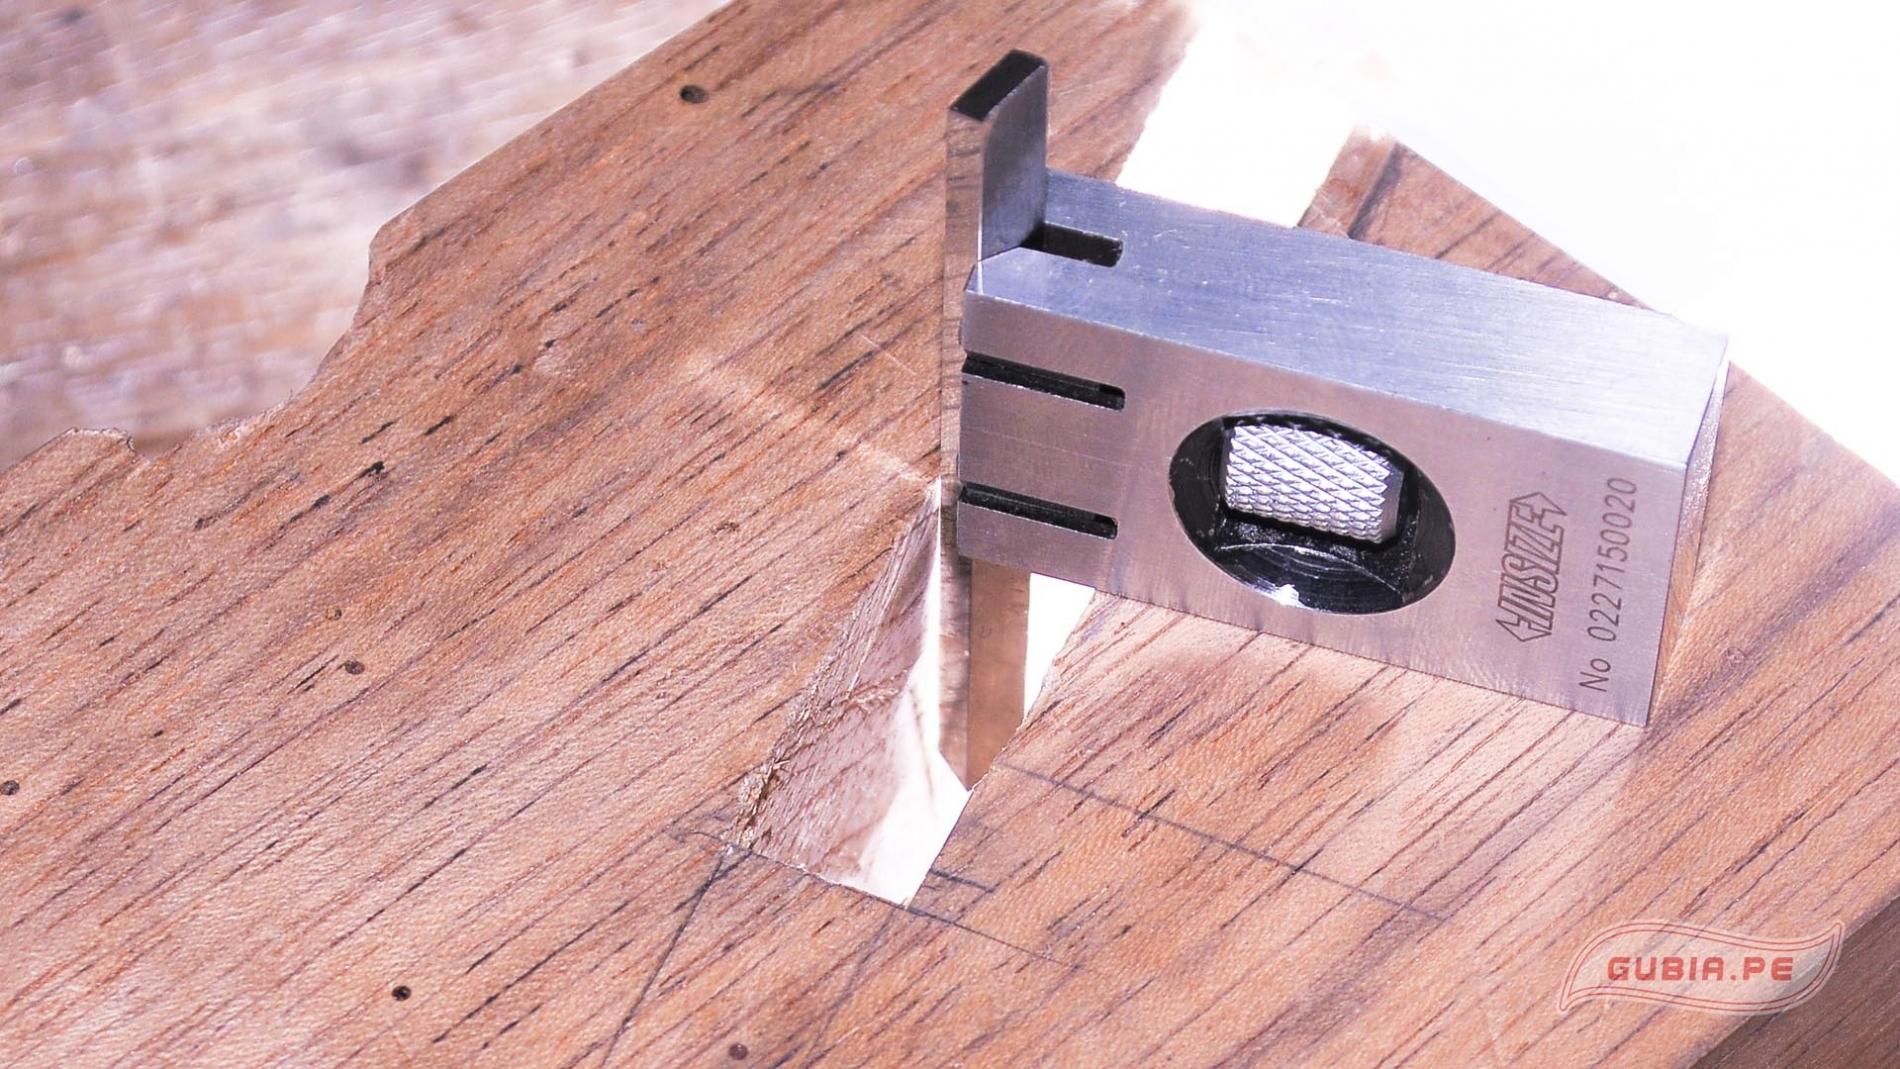 4701-01-Escuadrita ajustable y precisa medir angulo recto uniones caja 6x38 mm INSIZE 4701-01-max-1.